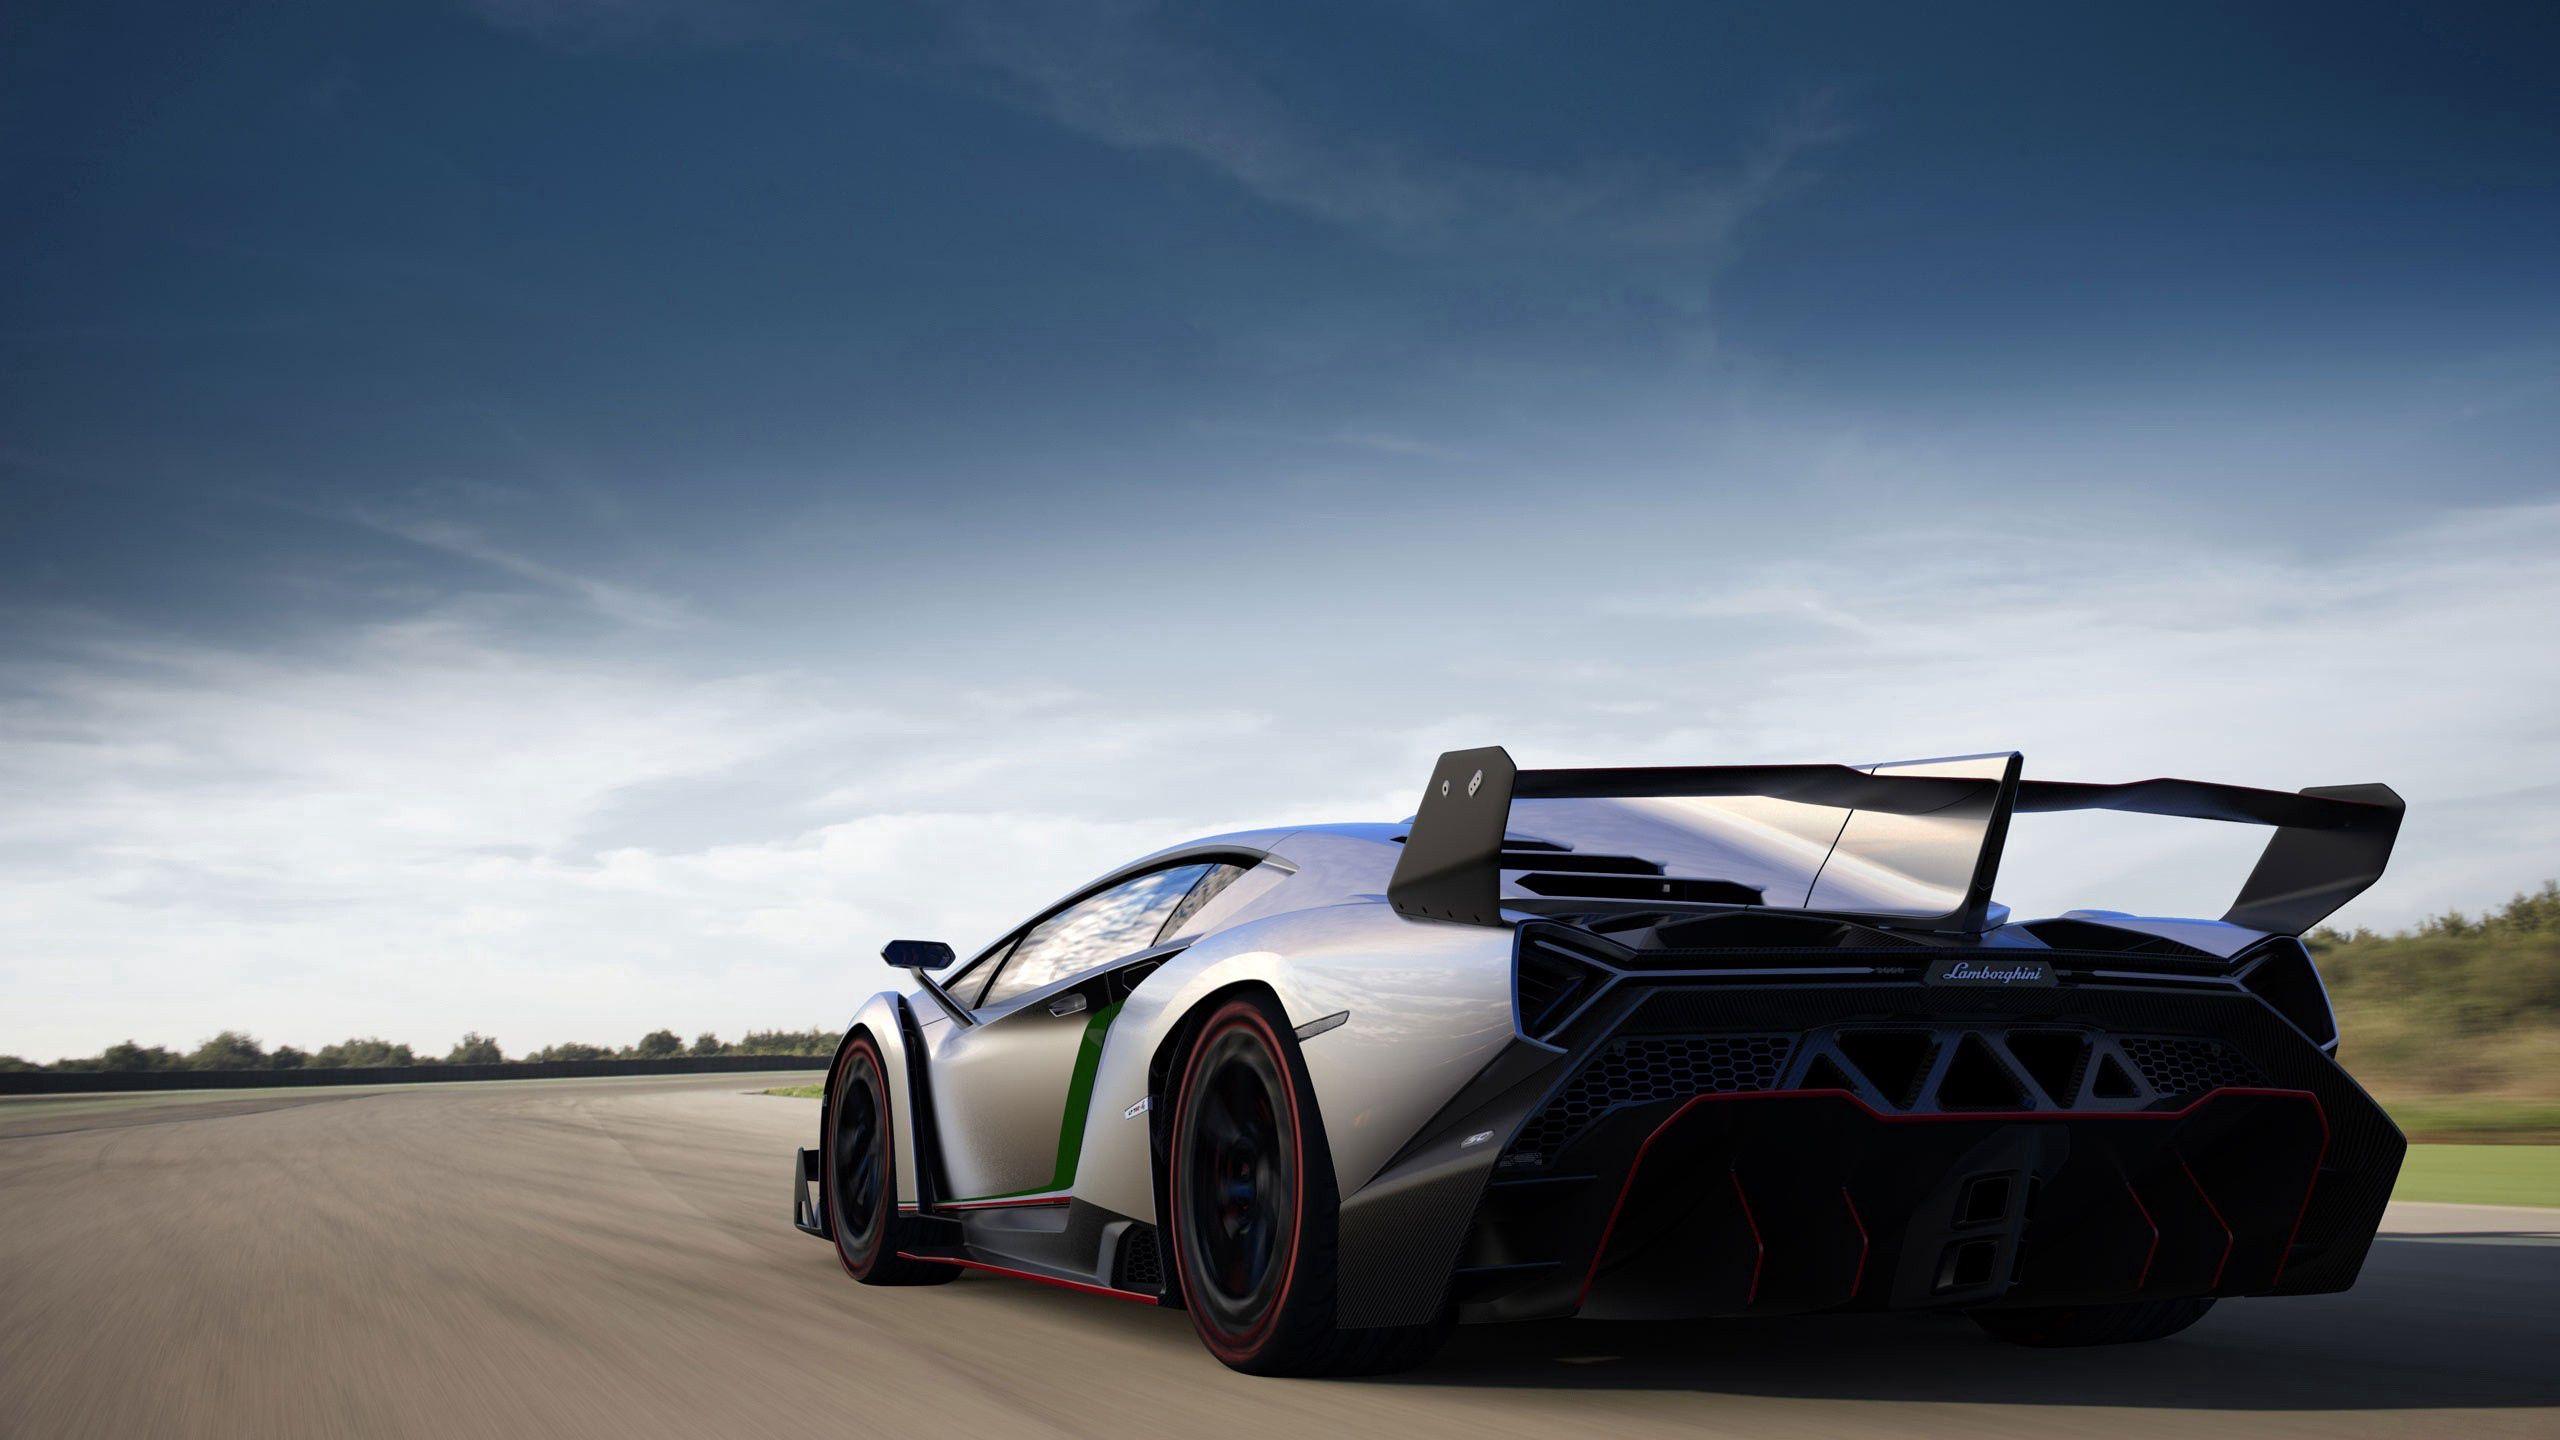 84285 download wallpaper Auto, Lamborghini, Cars, Lamborghini Veneno, Veneno screensavers and pictures for free